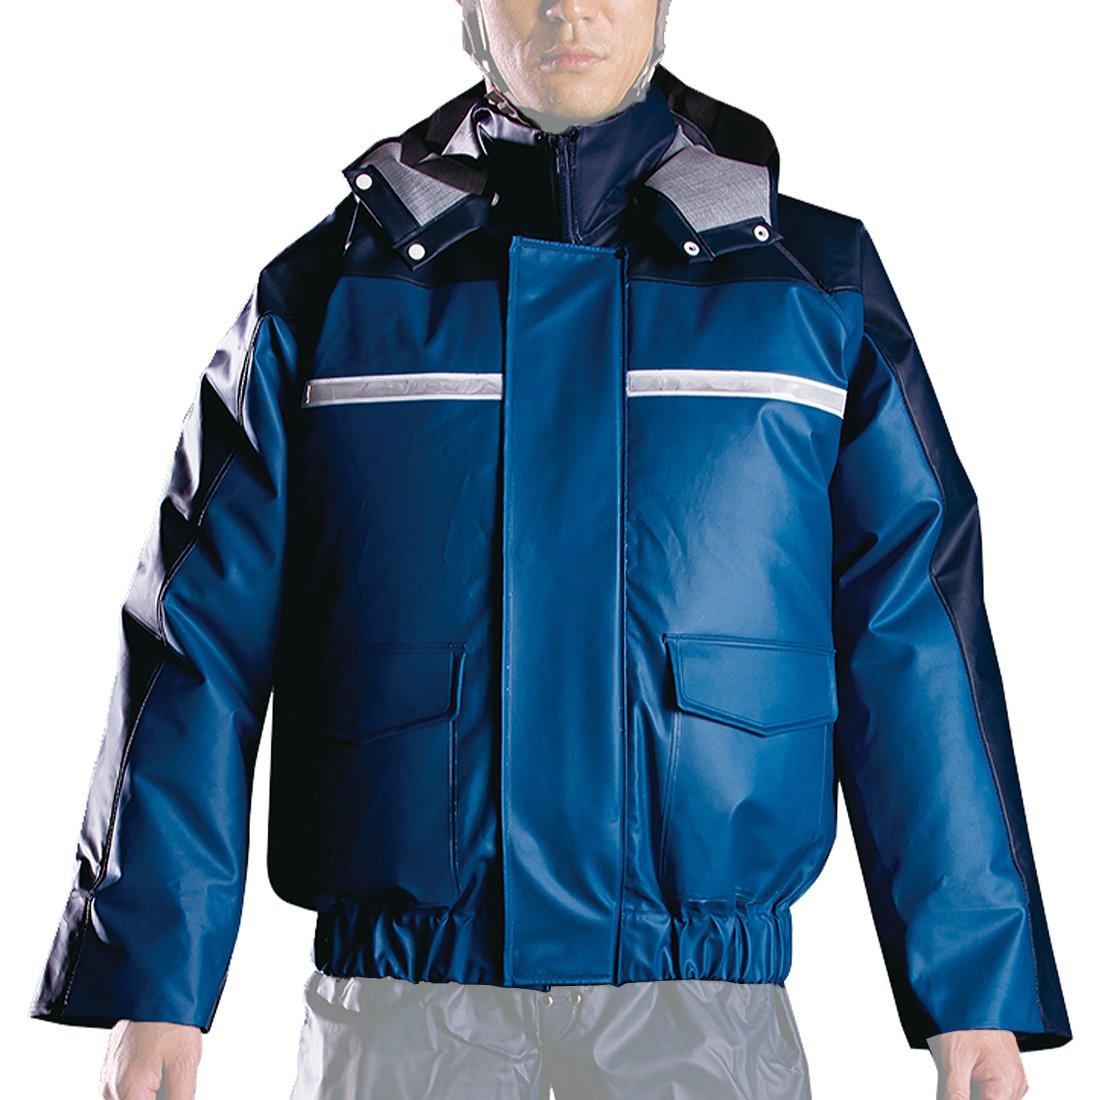 ナダレス 空調服 ブルゾン 全4色 全8サイズ レインパーカ ブルー 5L 反射テープ付き 6097 [正規代理店品] B011C025DQ 5L 5L